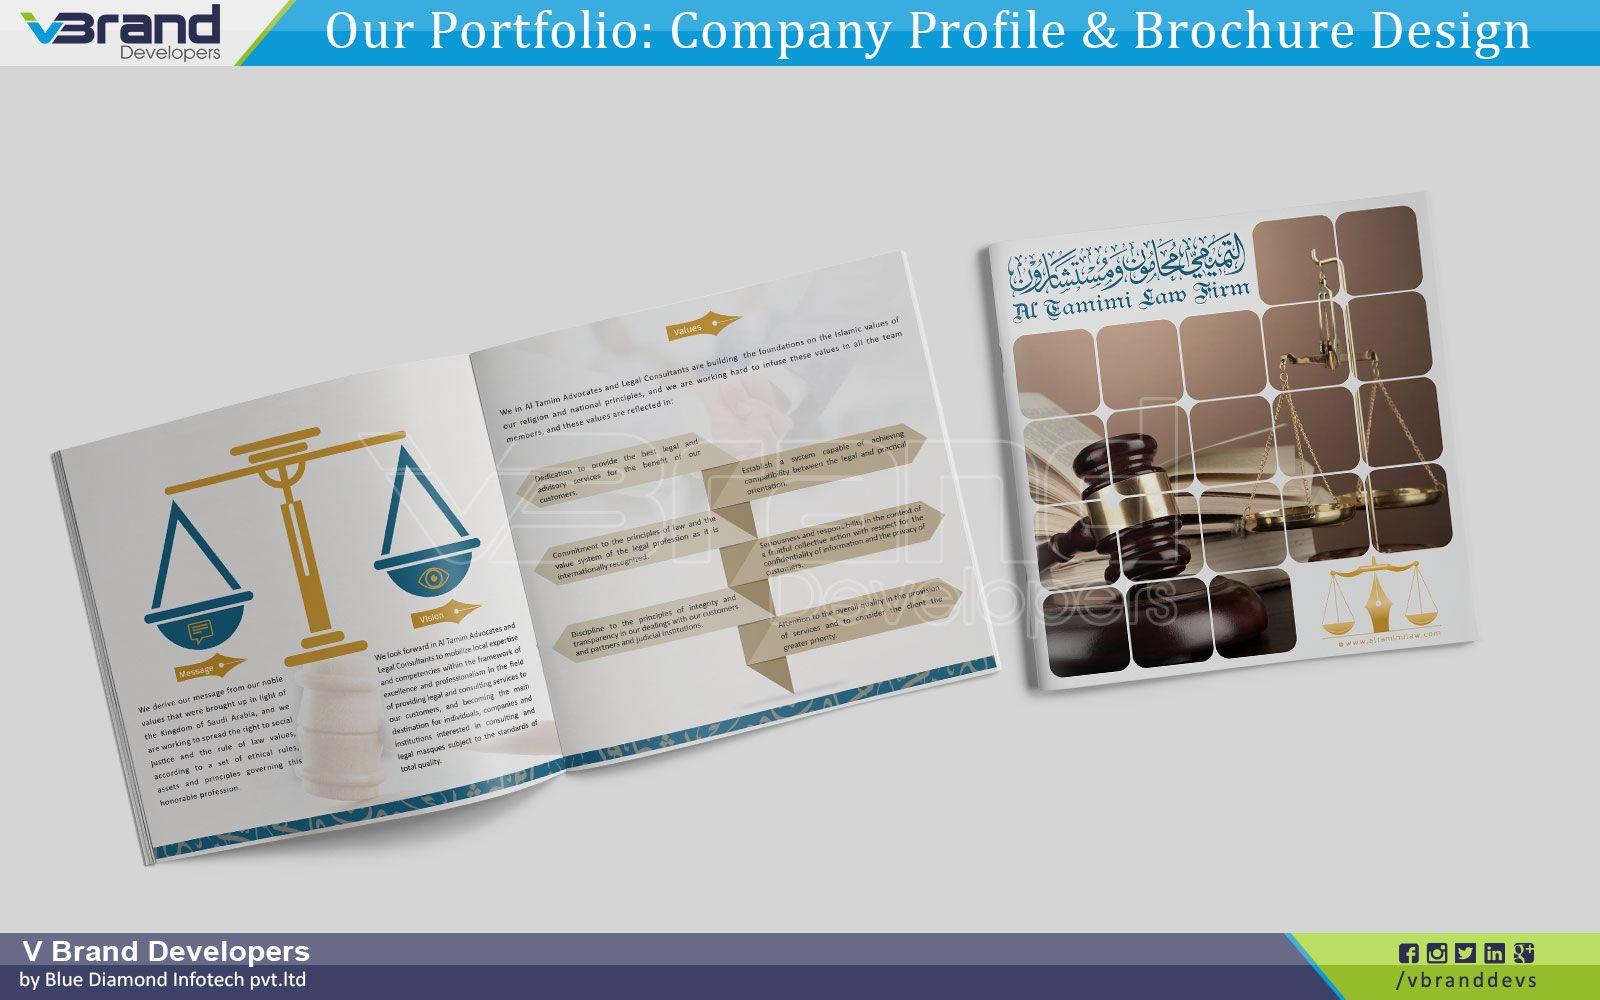 شركات تصميم بروفايلات تصميم كتيب تعريفي بروفايلات الشركات والمؤسسات Brochure Design Design Brochure